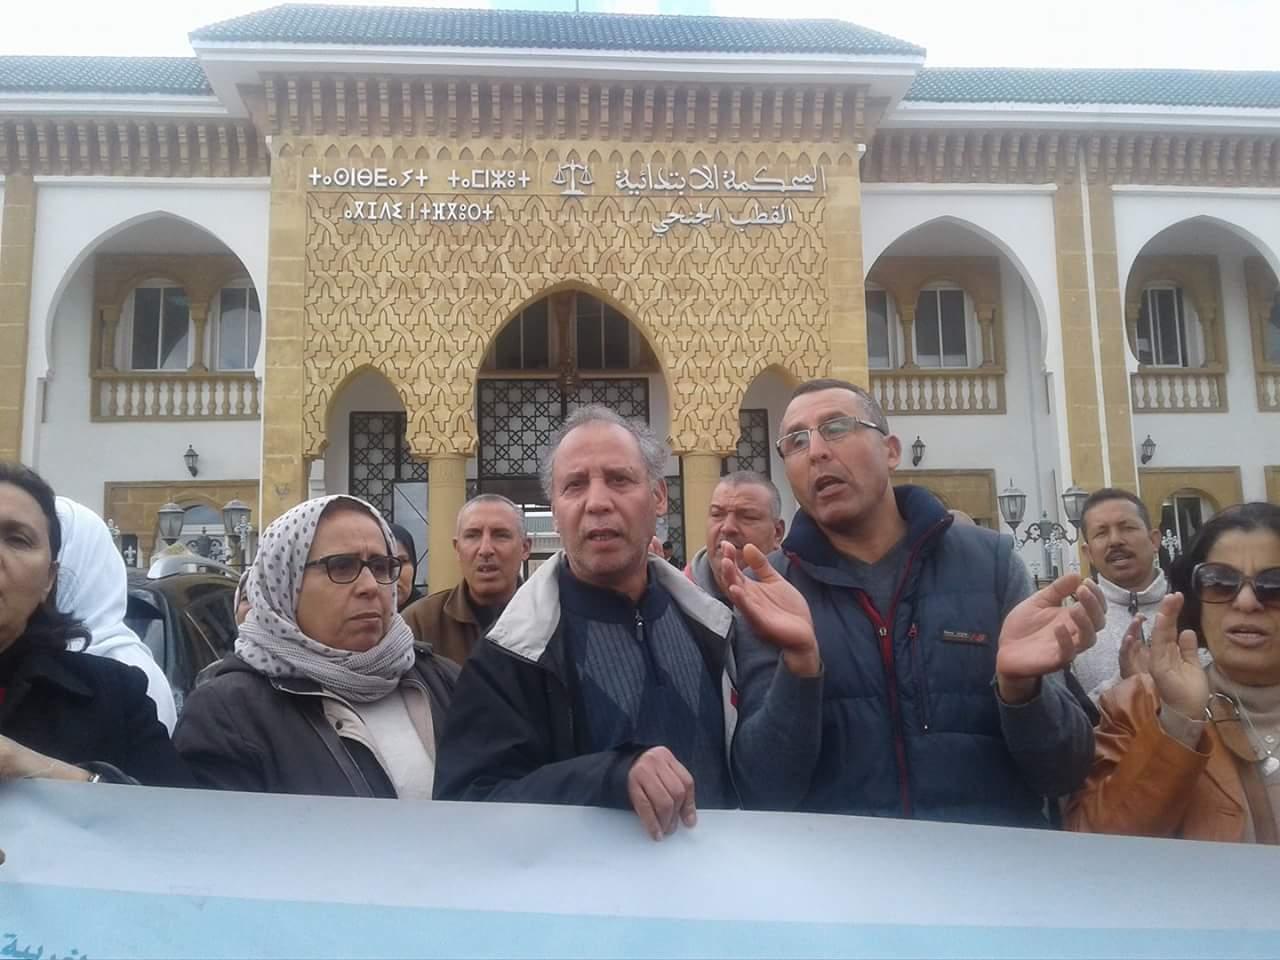 النهج الديمقراطي يدعو إلى الاحتجاج رفضا لمحاكمة رئيس الجمعية المغربية لحقوق الإنسان بالجديدة